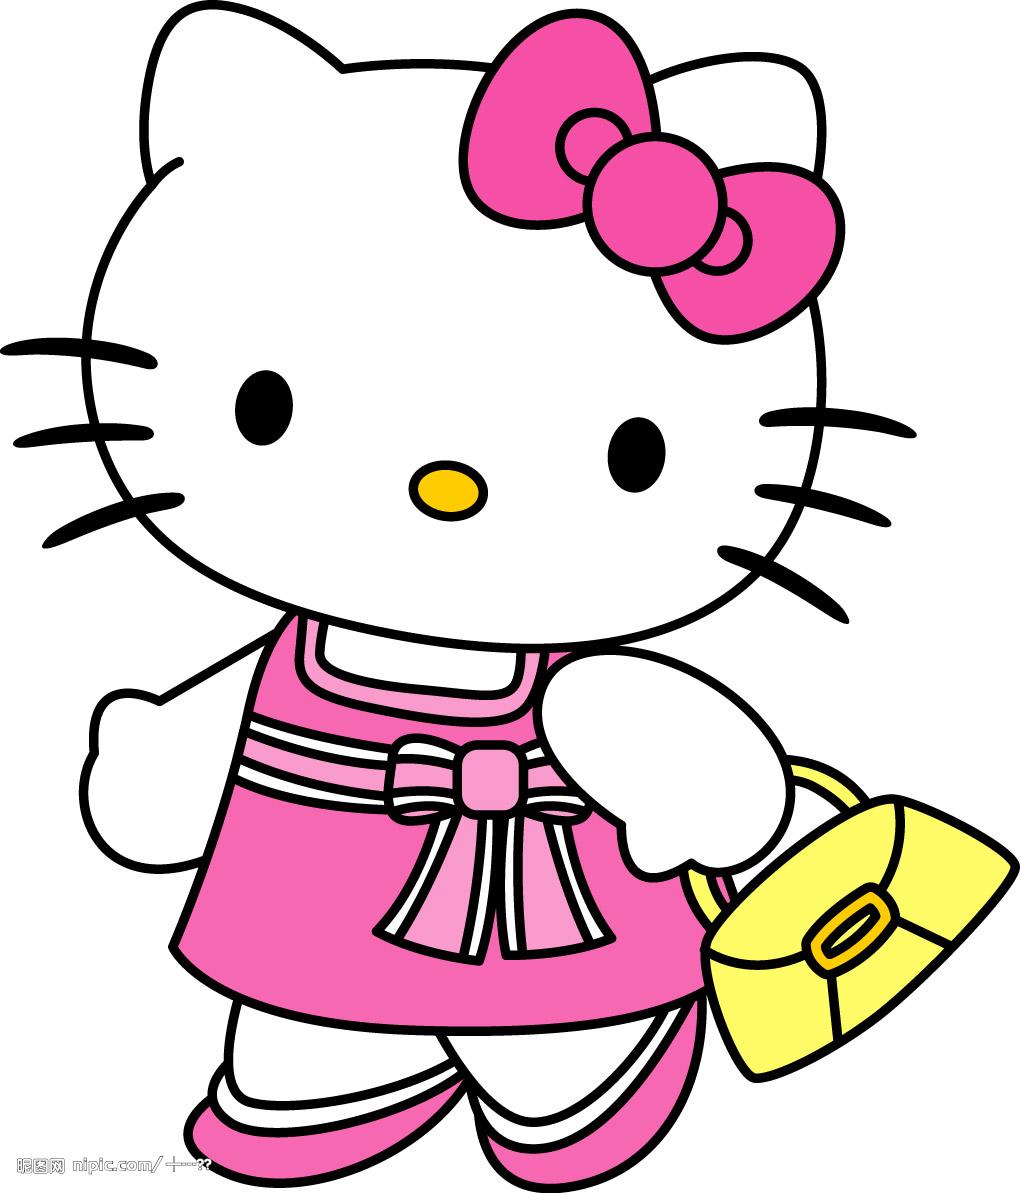 kt猫卡通图片_谁有KT猫卡通图片?_百度知道